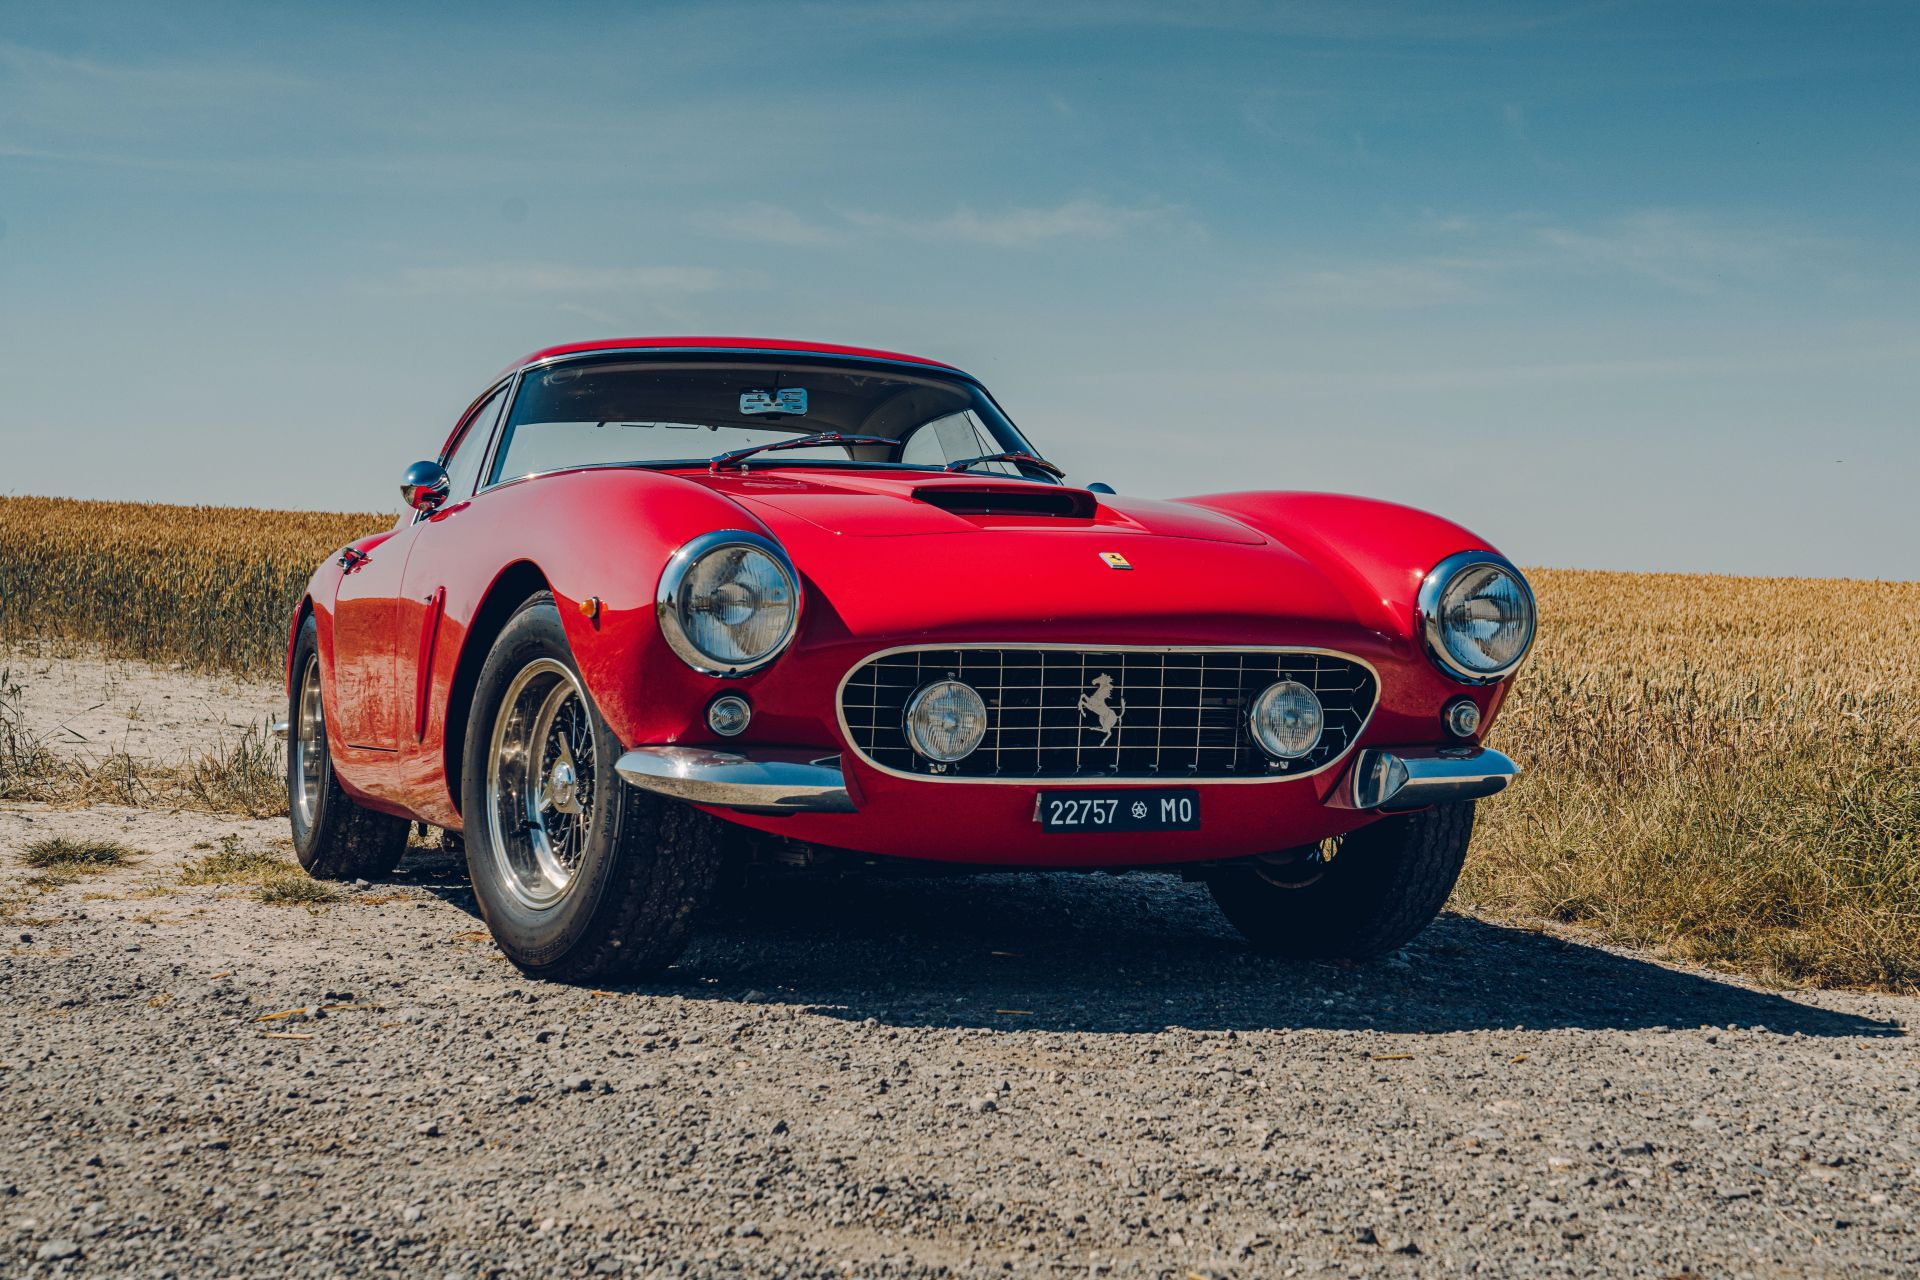 Ferrari-250-GT-SWB-Berlinetta-Competizione-Revival-by-GTO-Engineering-50